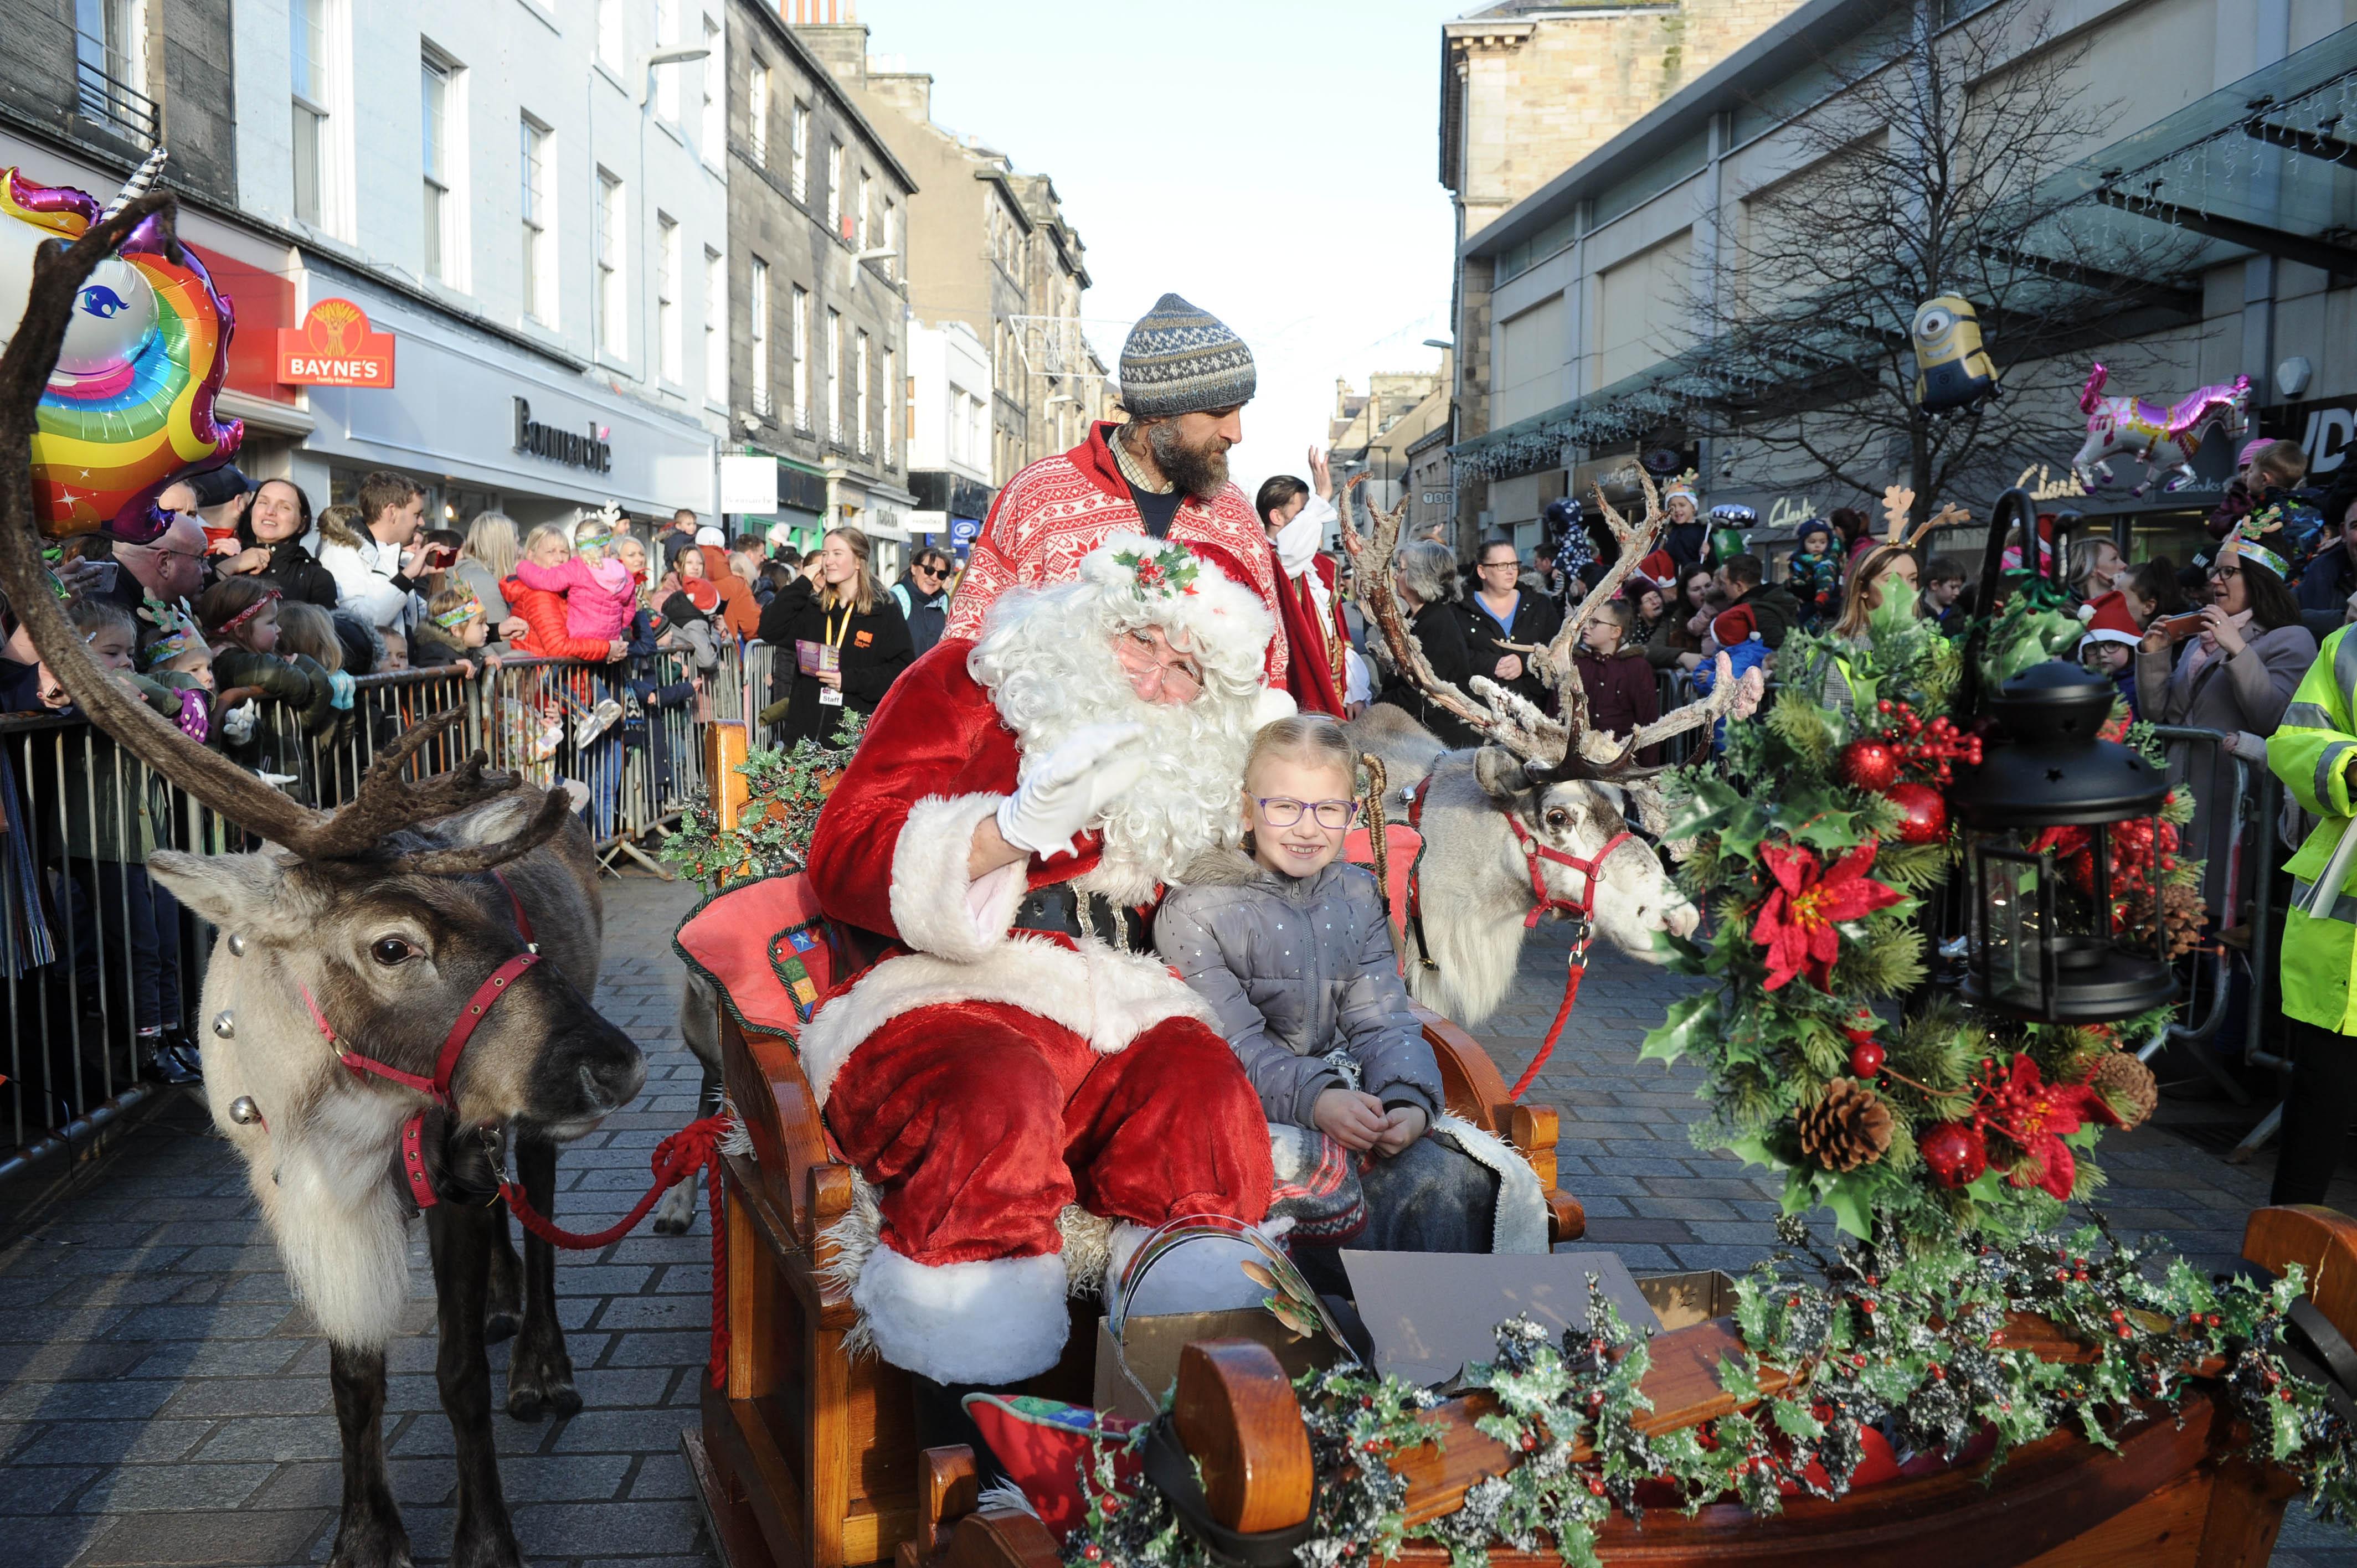 Lyla Steel aged 7 accompanied Santa in his sleigh last year.